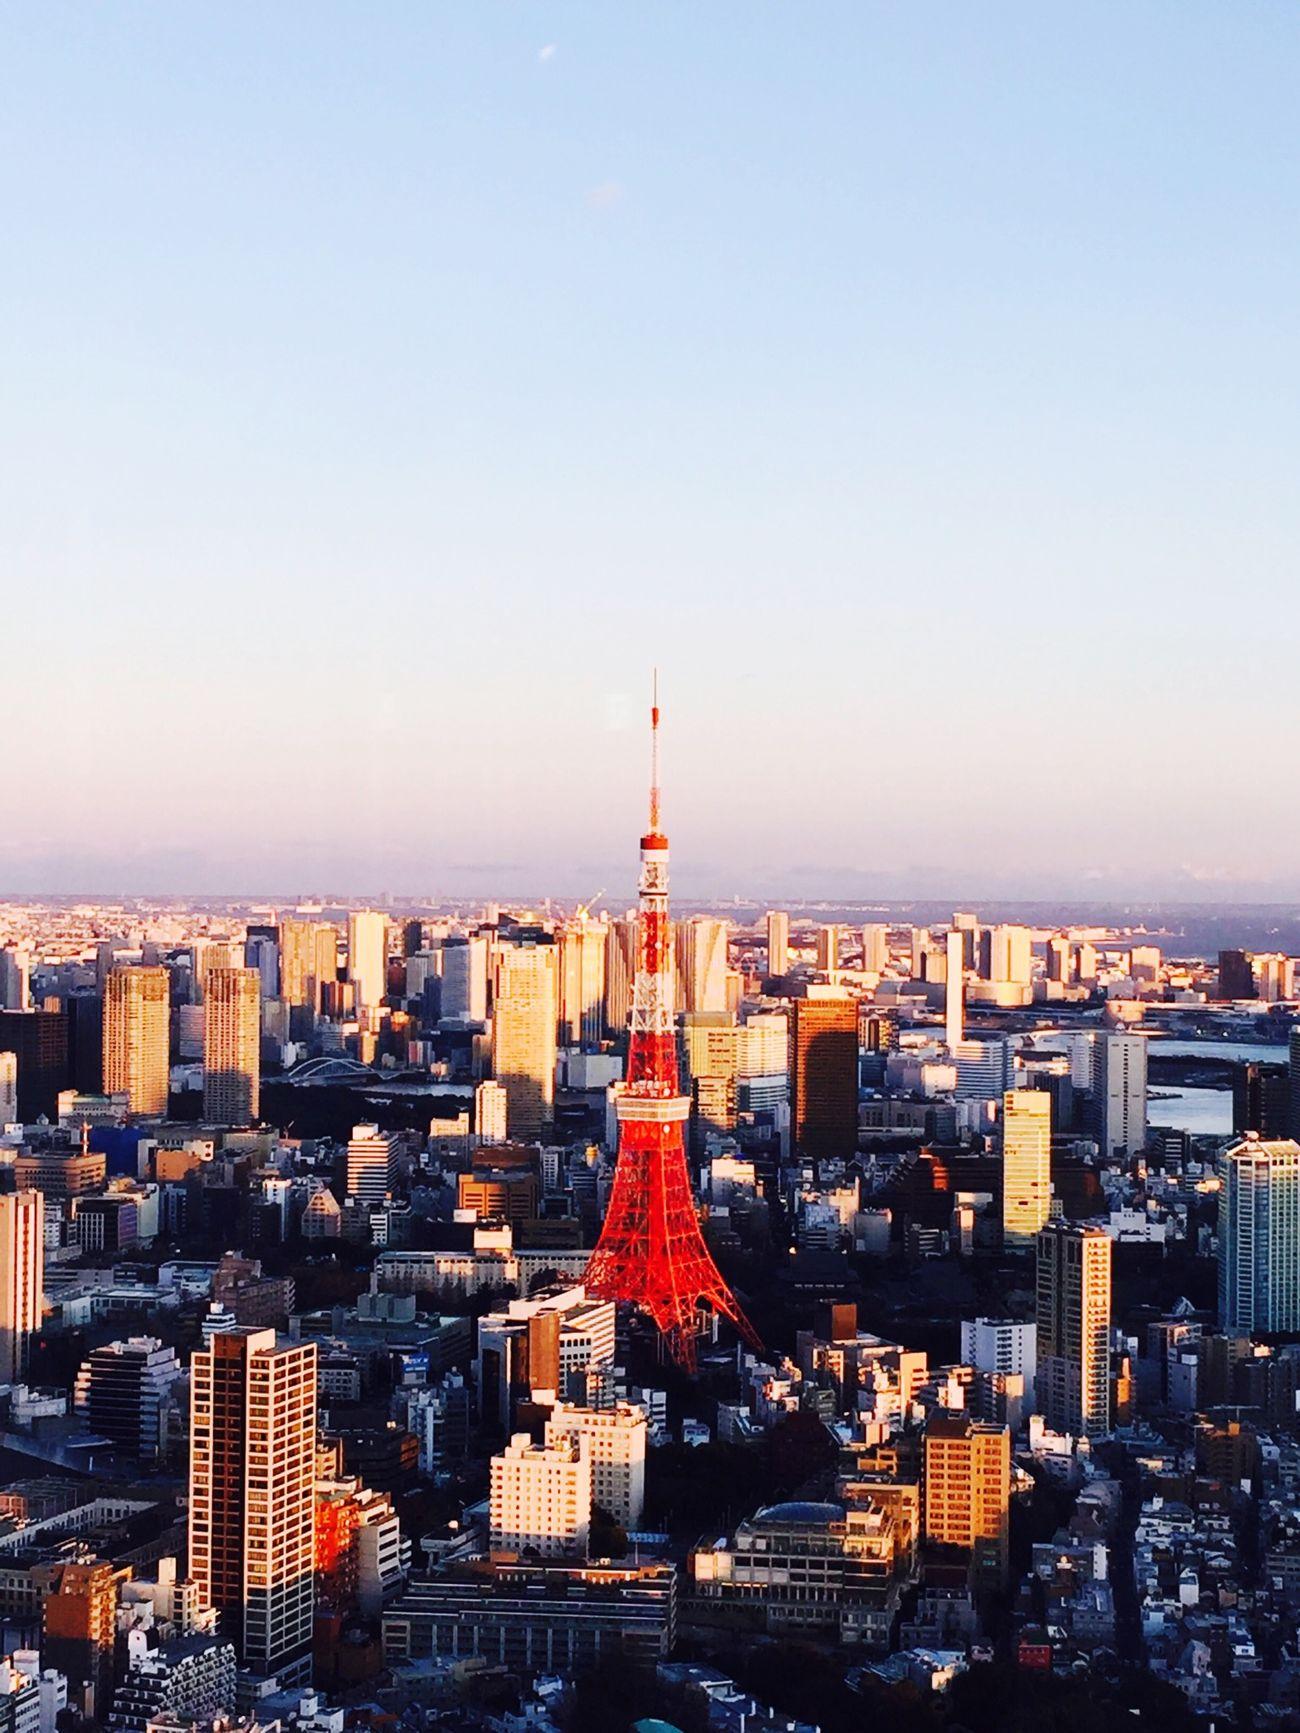 東京タワー Tokyo Tower 六本木ヒルズ Roppongi Hills 夜景 Night View 東京観光 Tokyo Tours